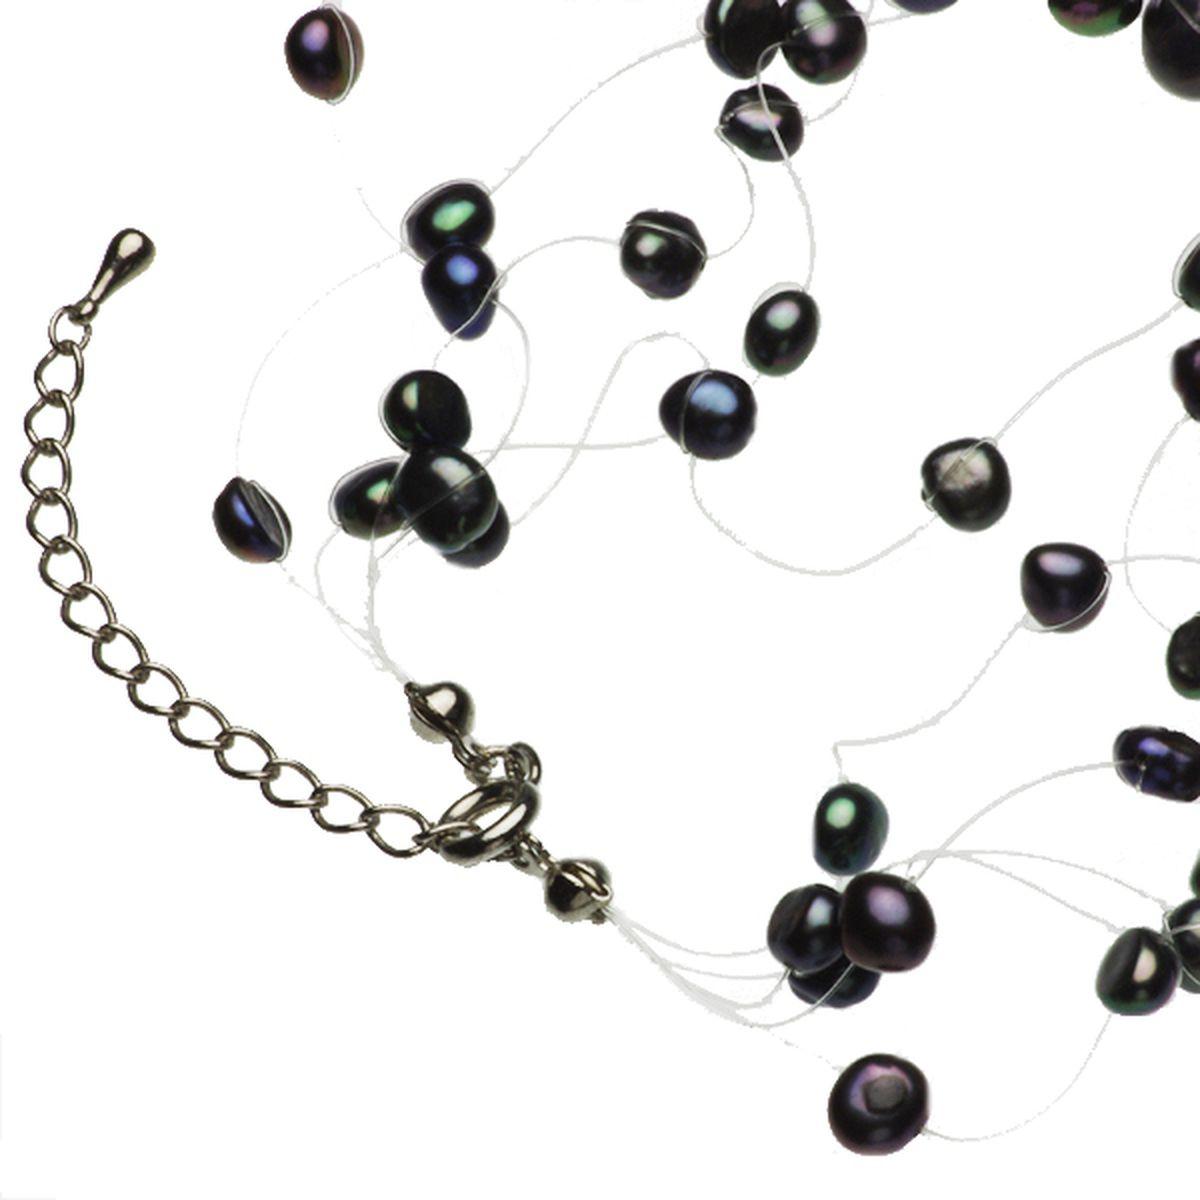 淡水真珠オリジナルデザインネックレス 約5.0-10.0mmの写真